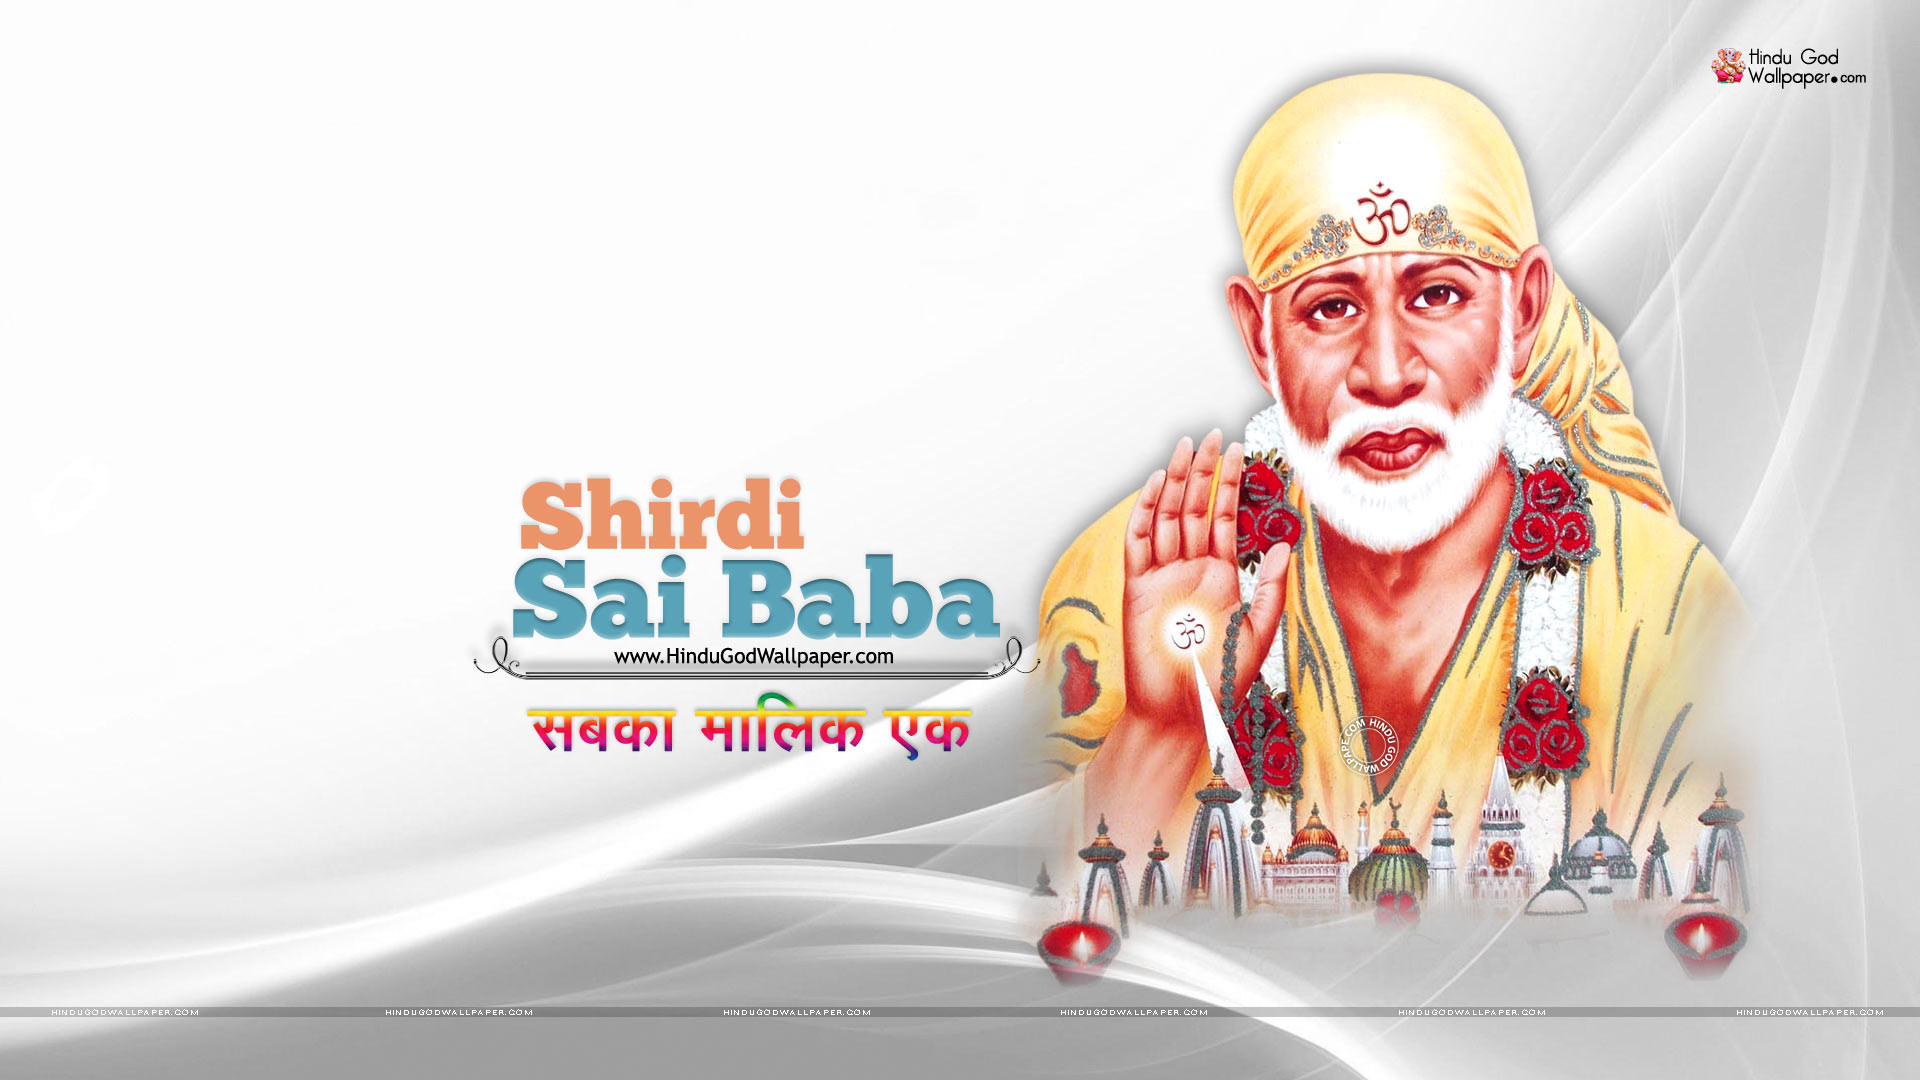 Sai Baba Wallpaper hd 1080p